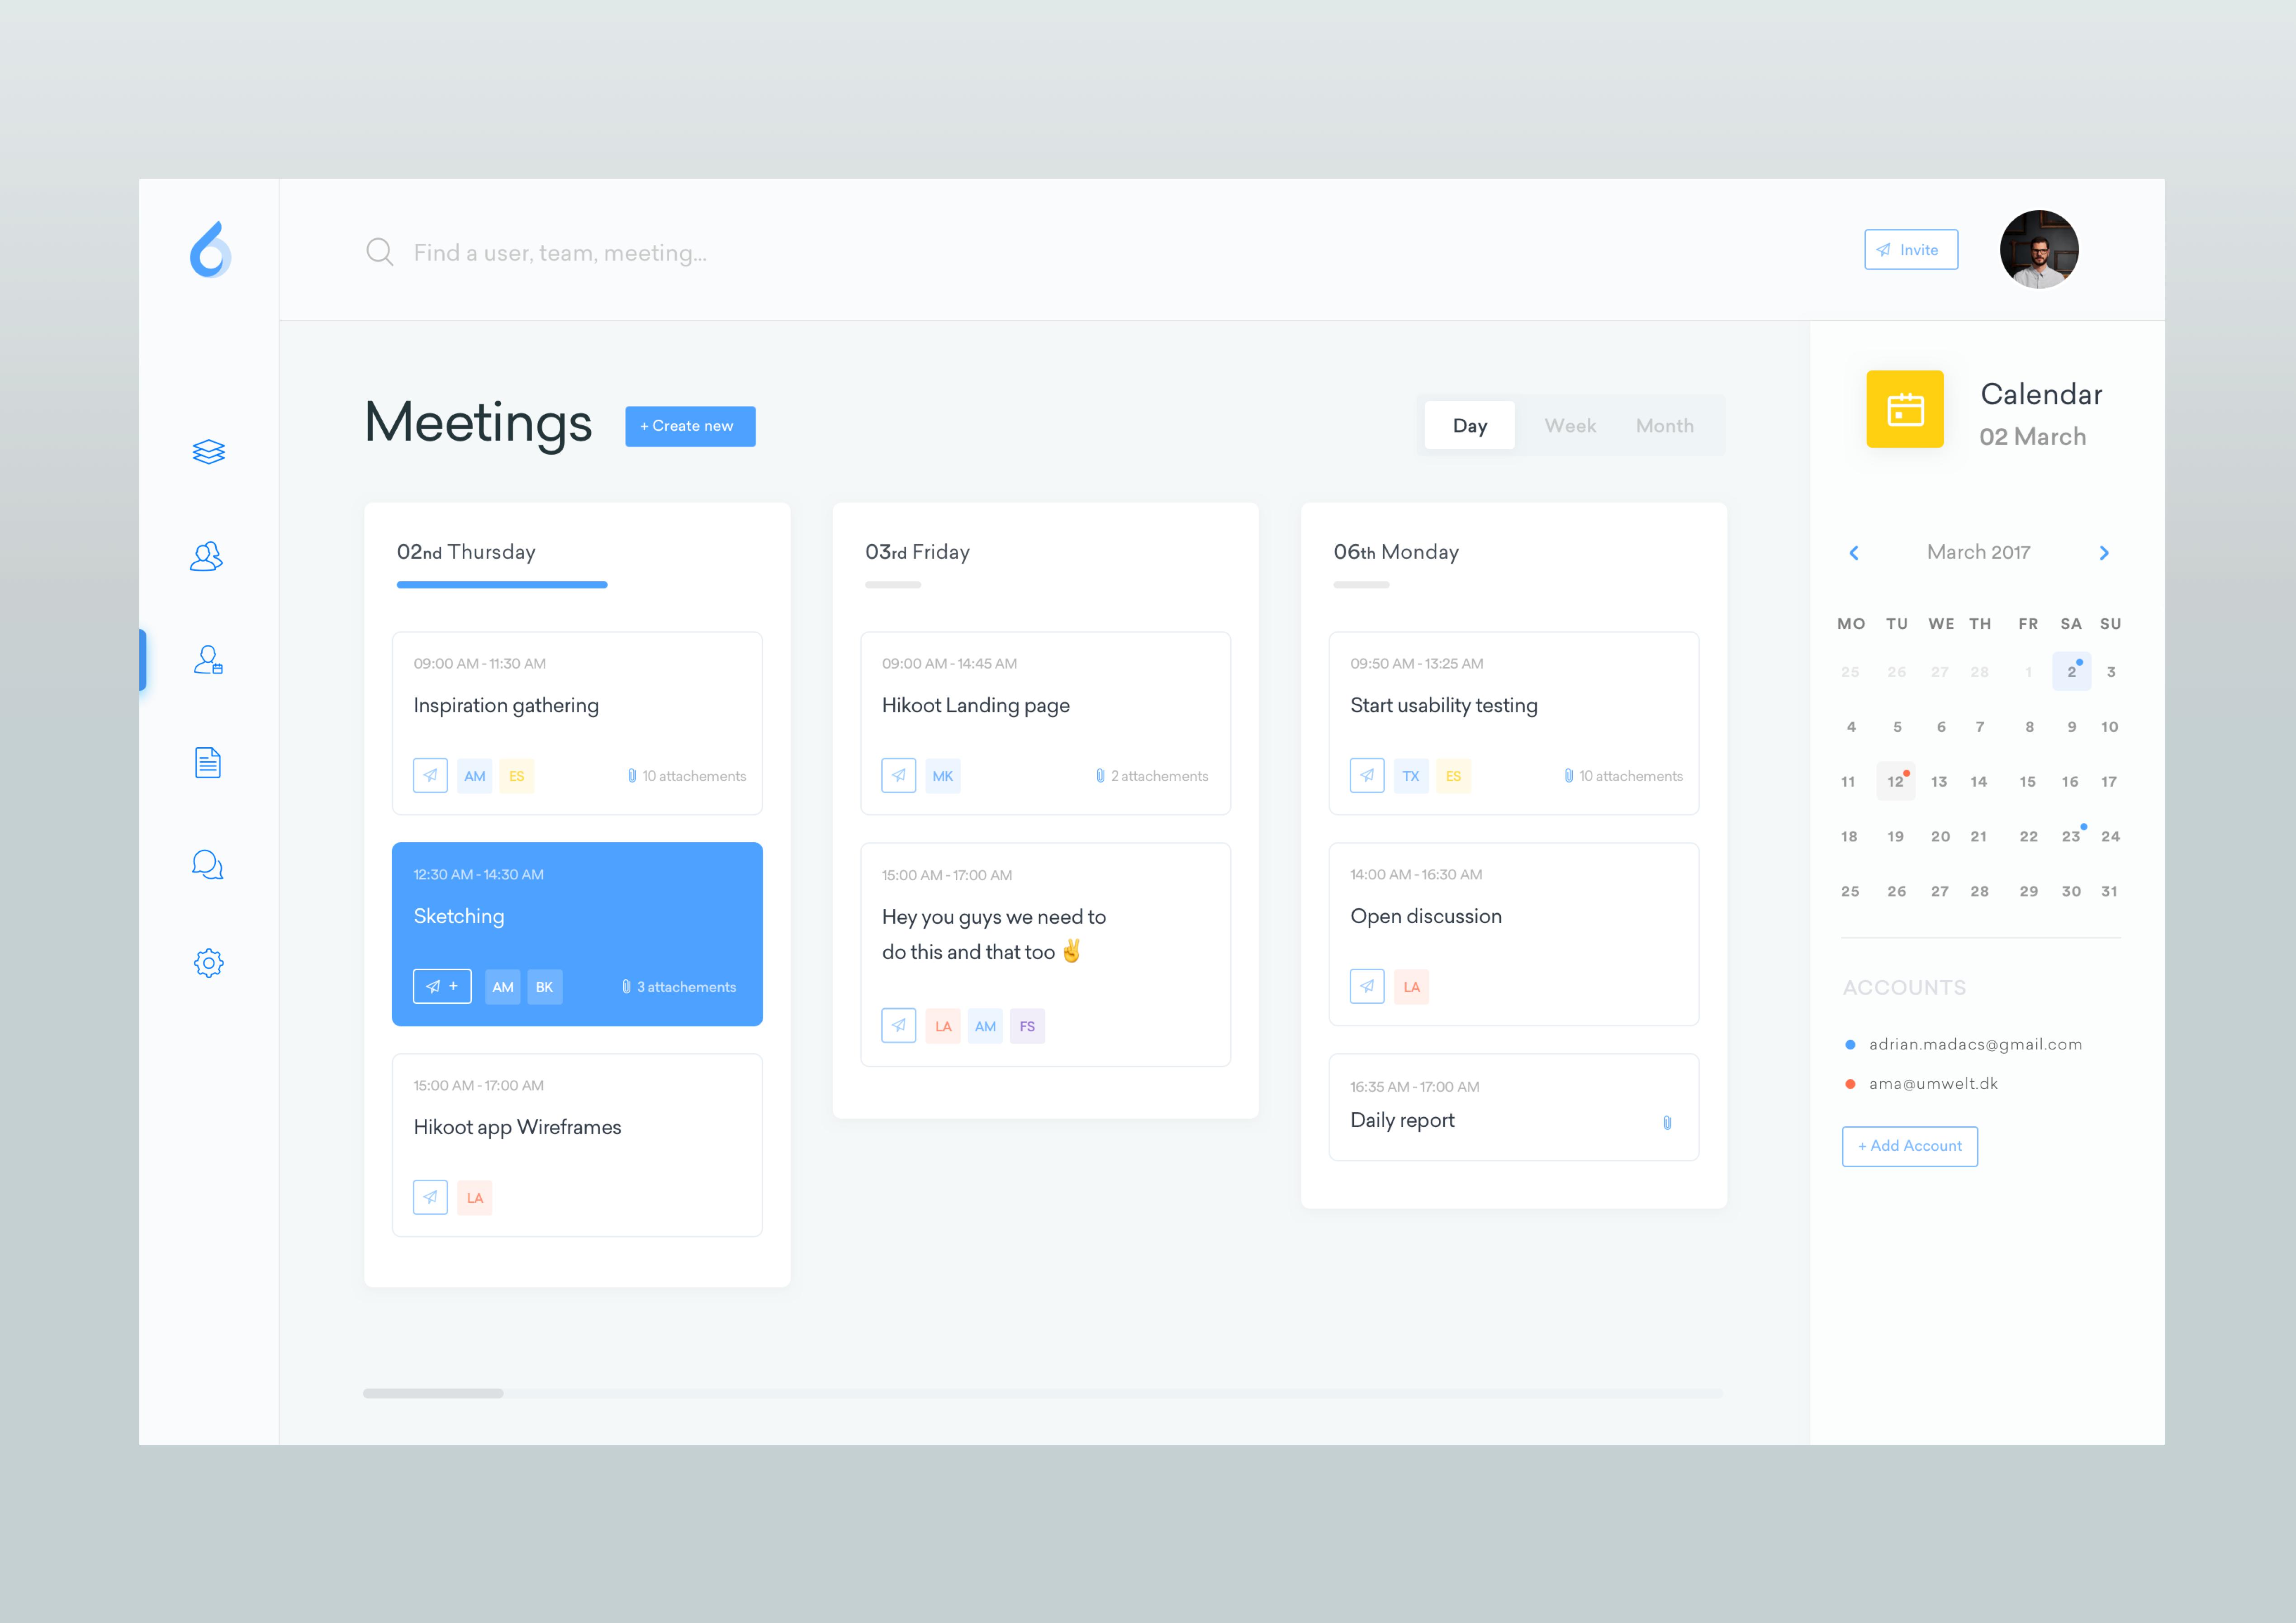 Meetings   dasboard